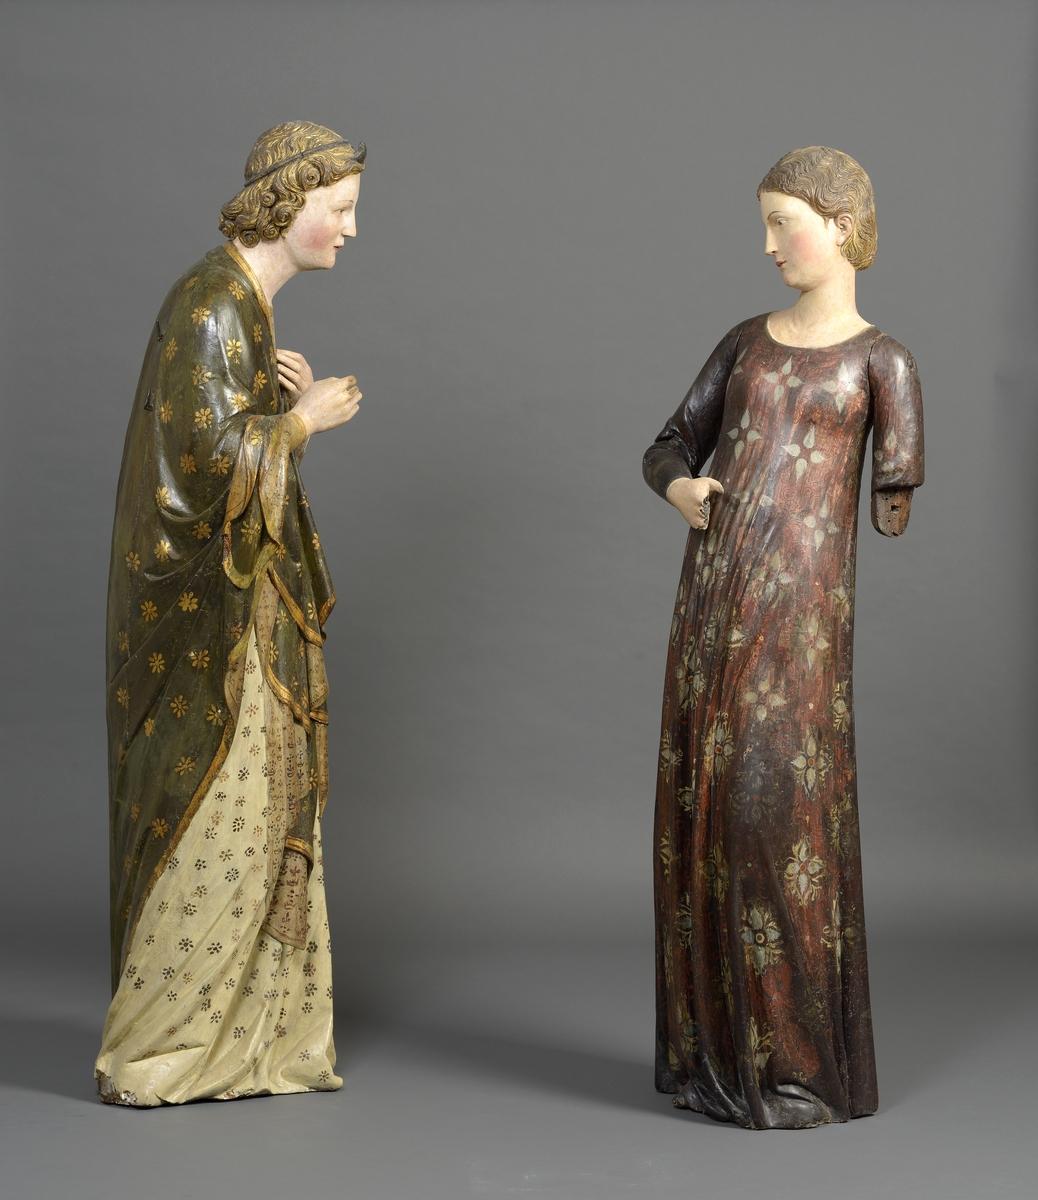 « Ange et Vierge de l'Annonciation », Sienne, milieu du XIVe siècle © Musée des Beaux-Arts